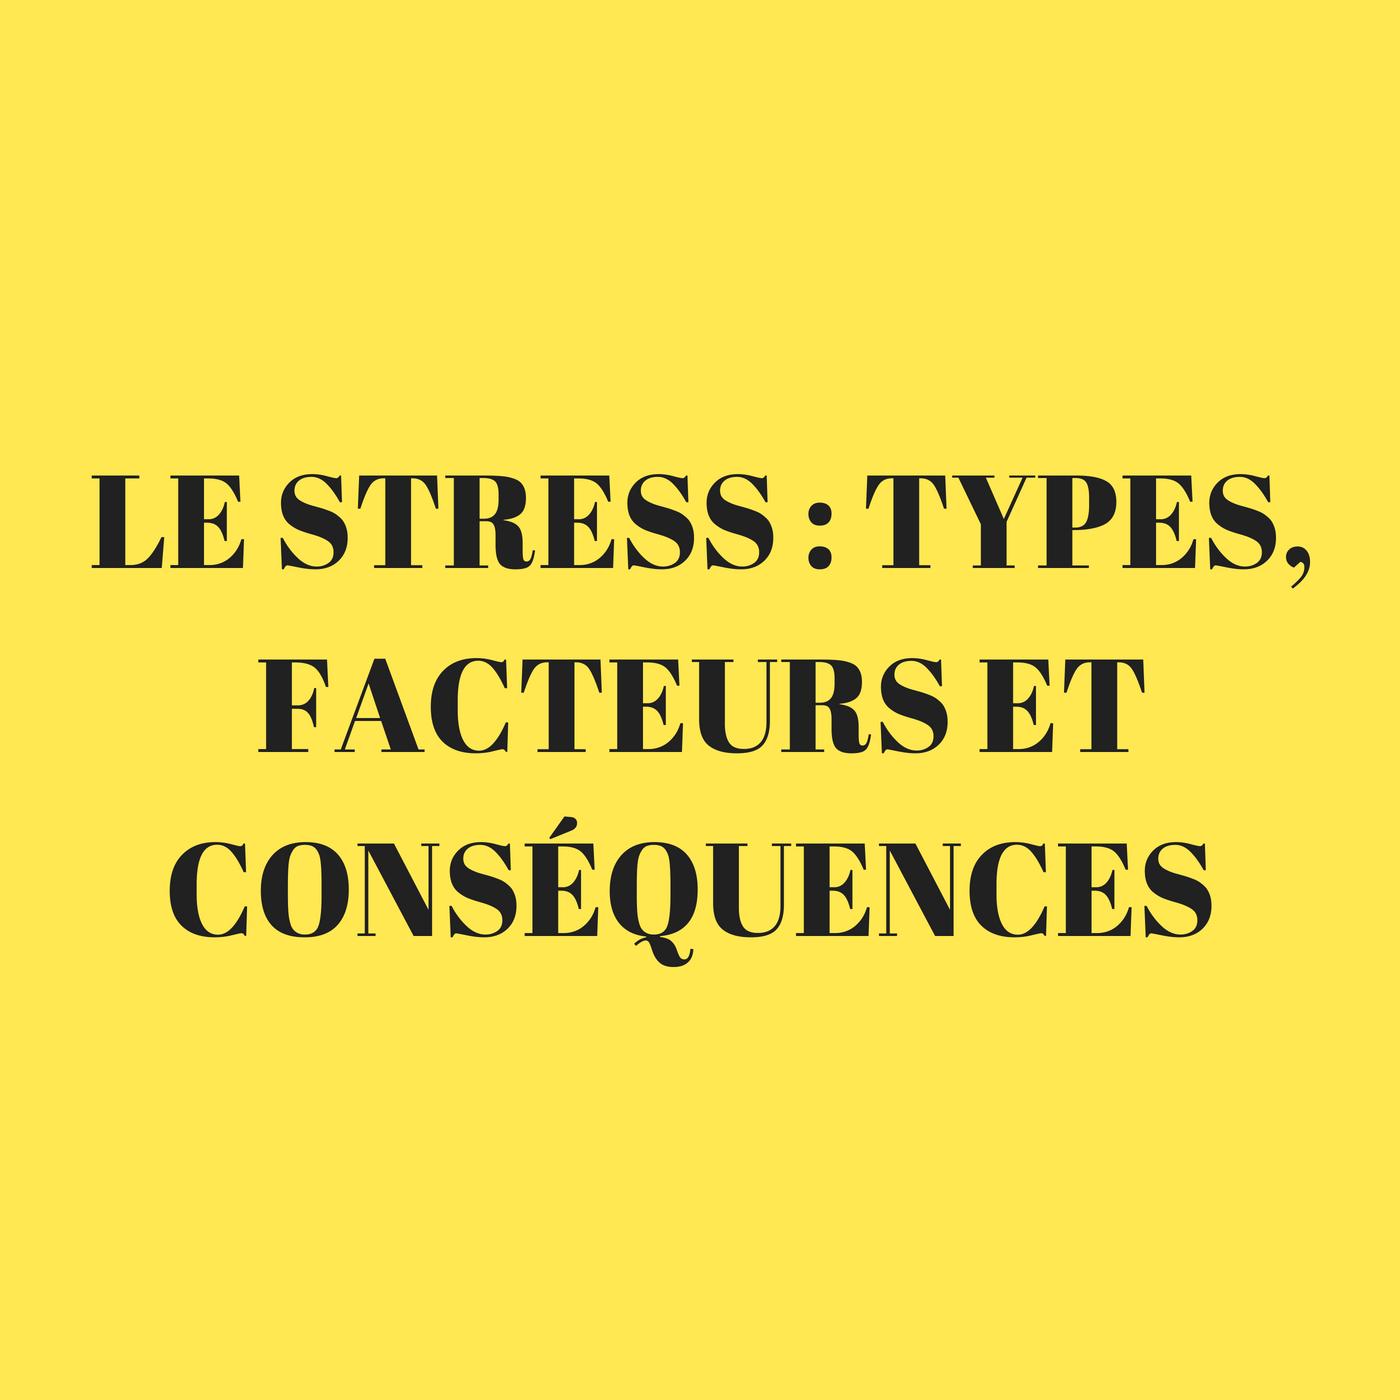 Le stress : types, facteurs, conséquences